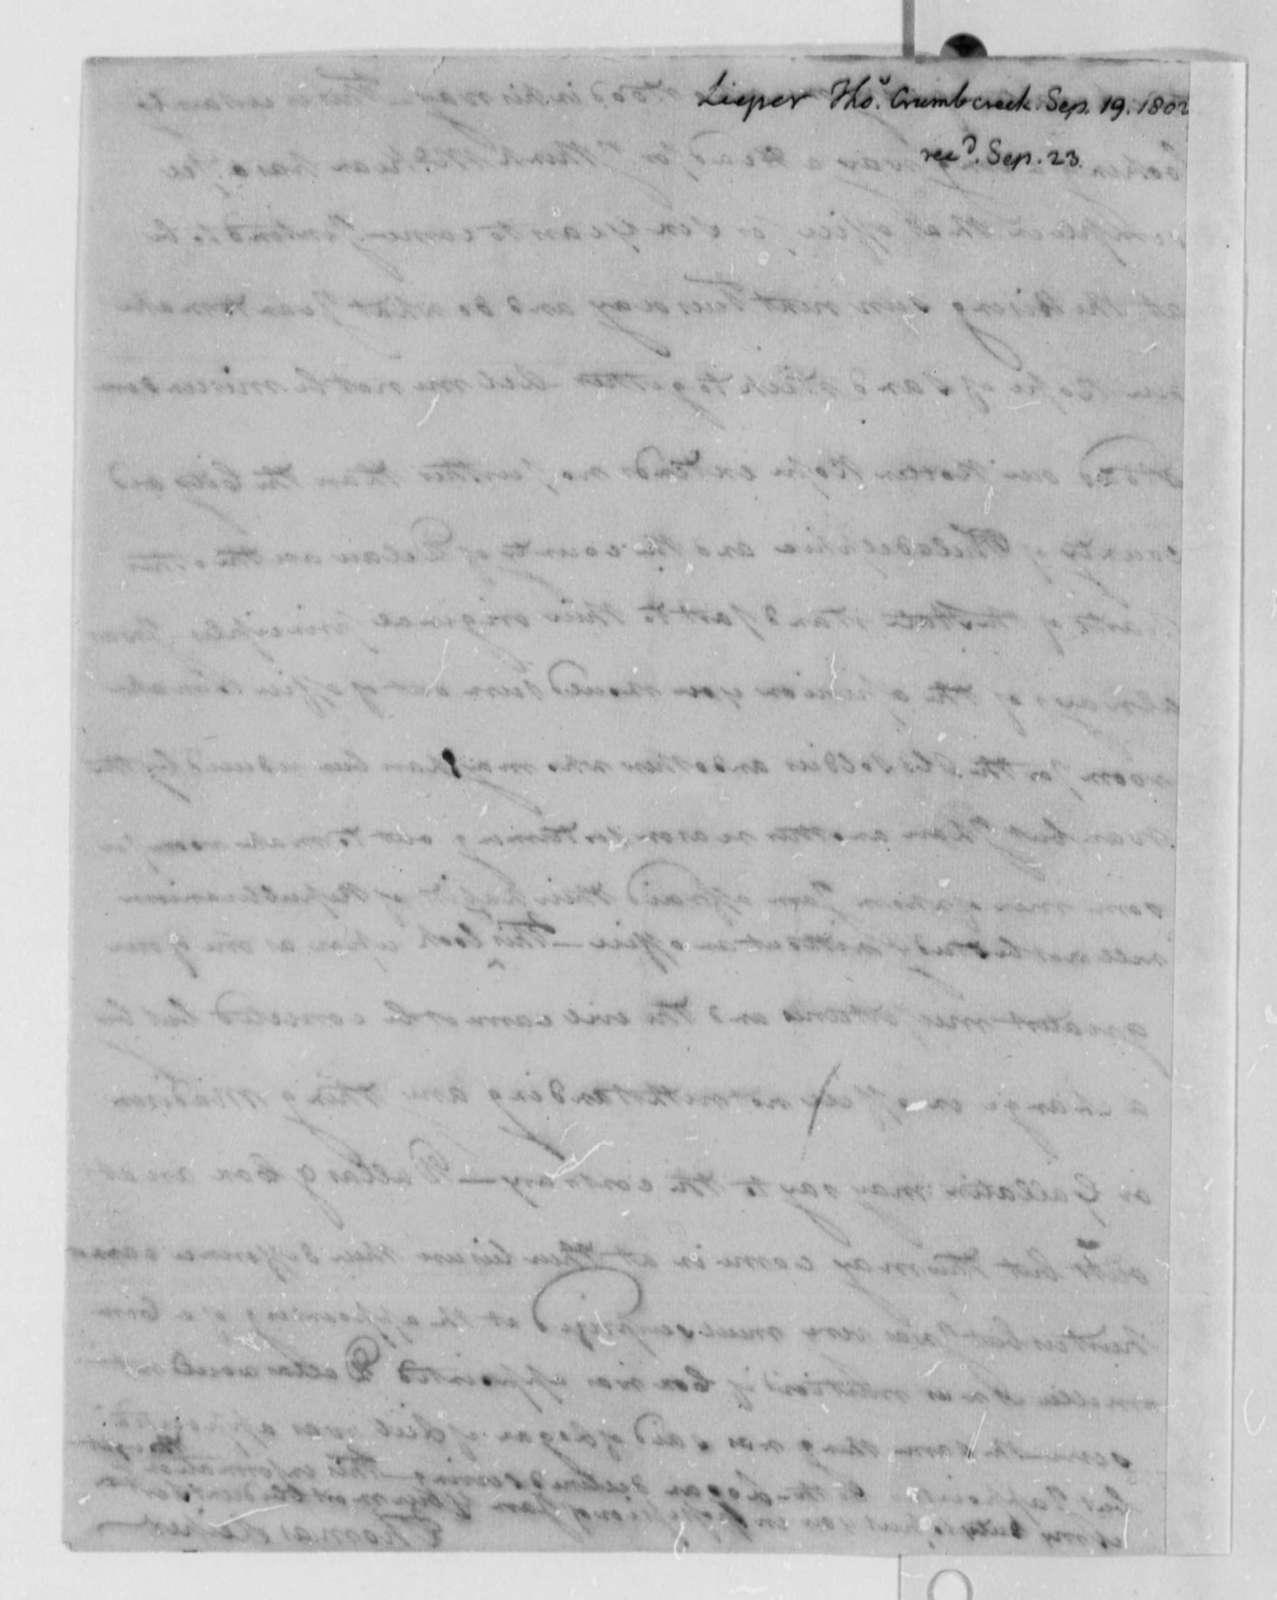 Thomas Leiper to Thomas Jefferson, September 19, 1802